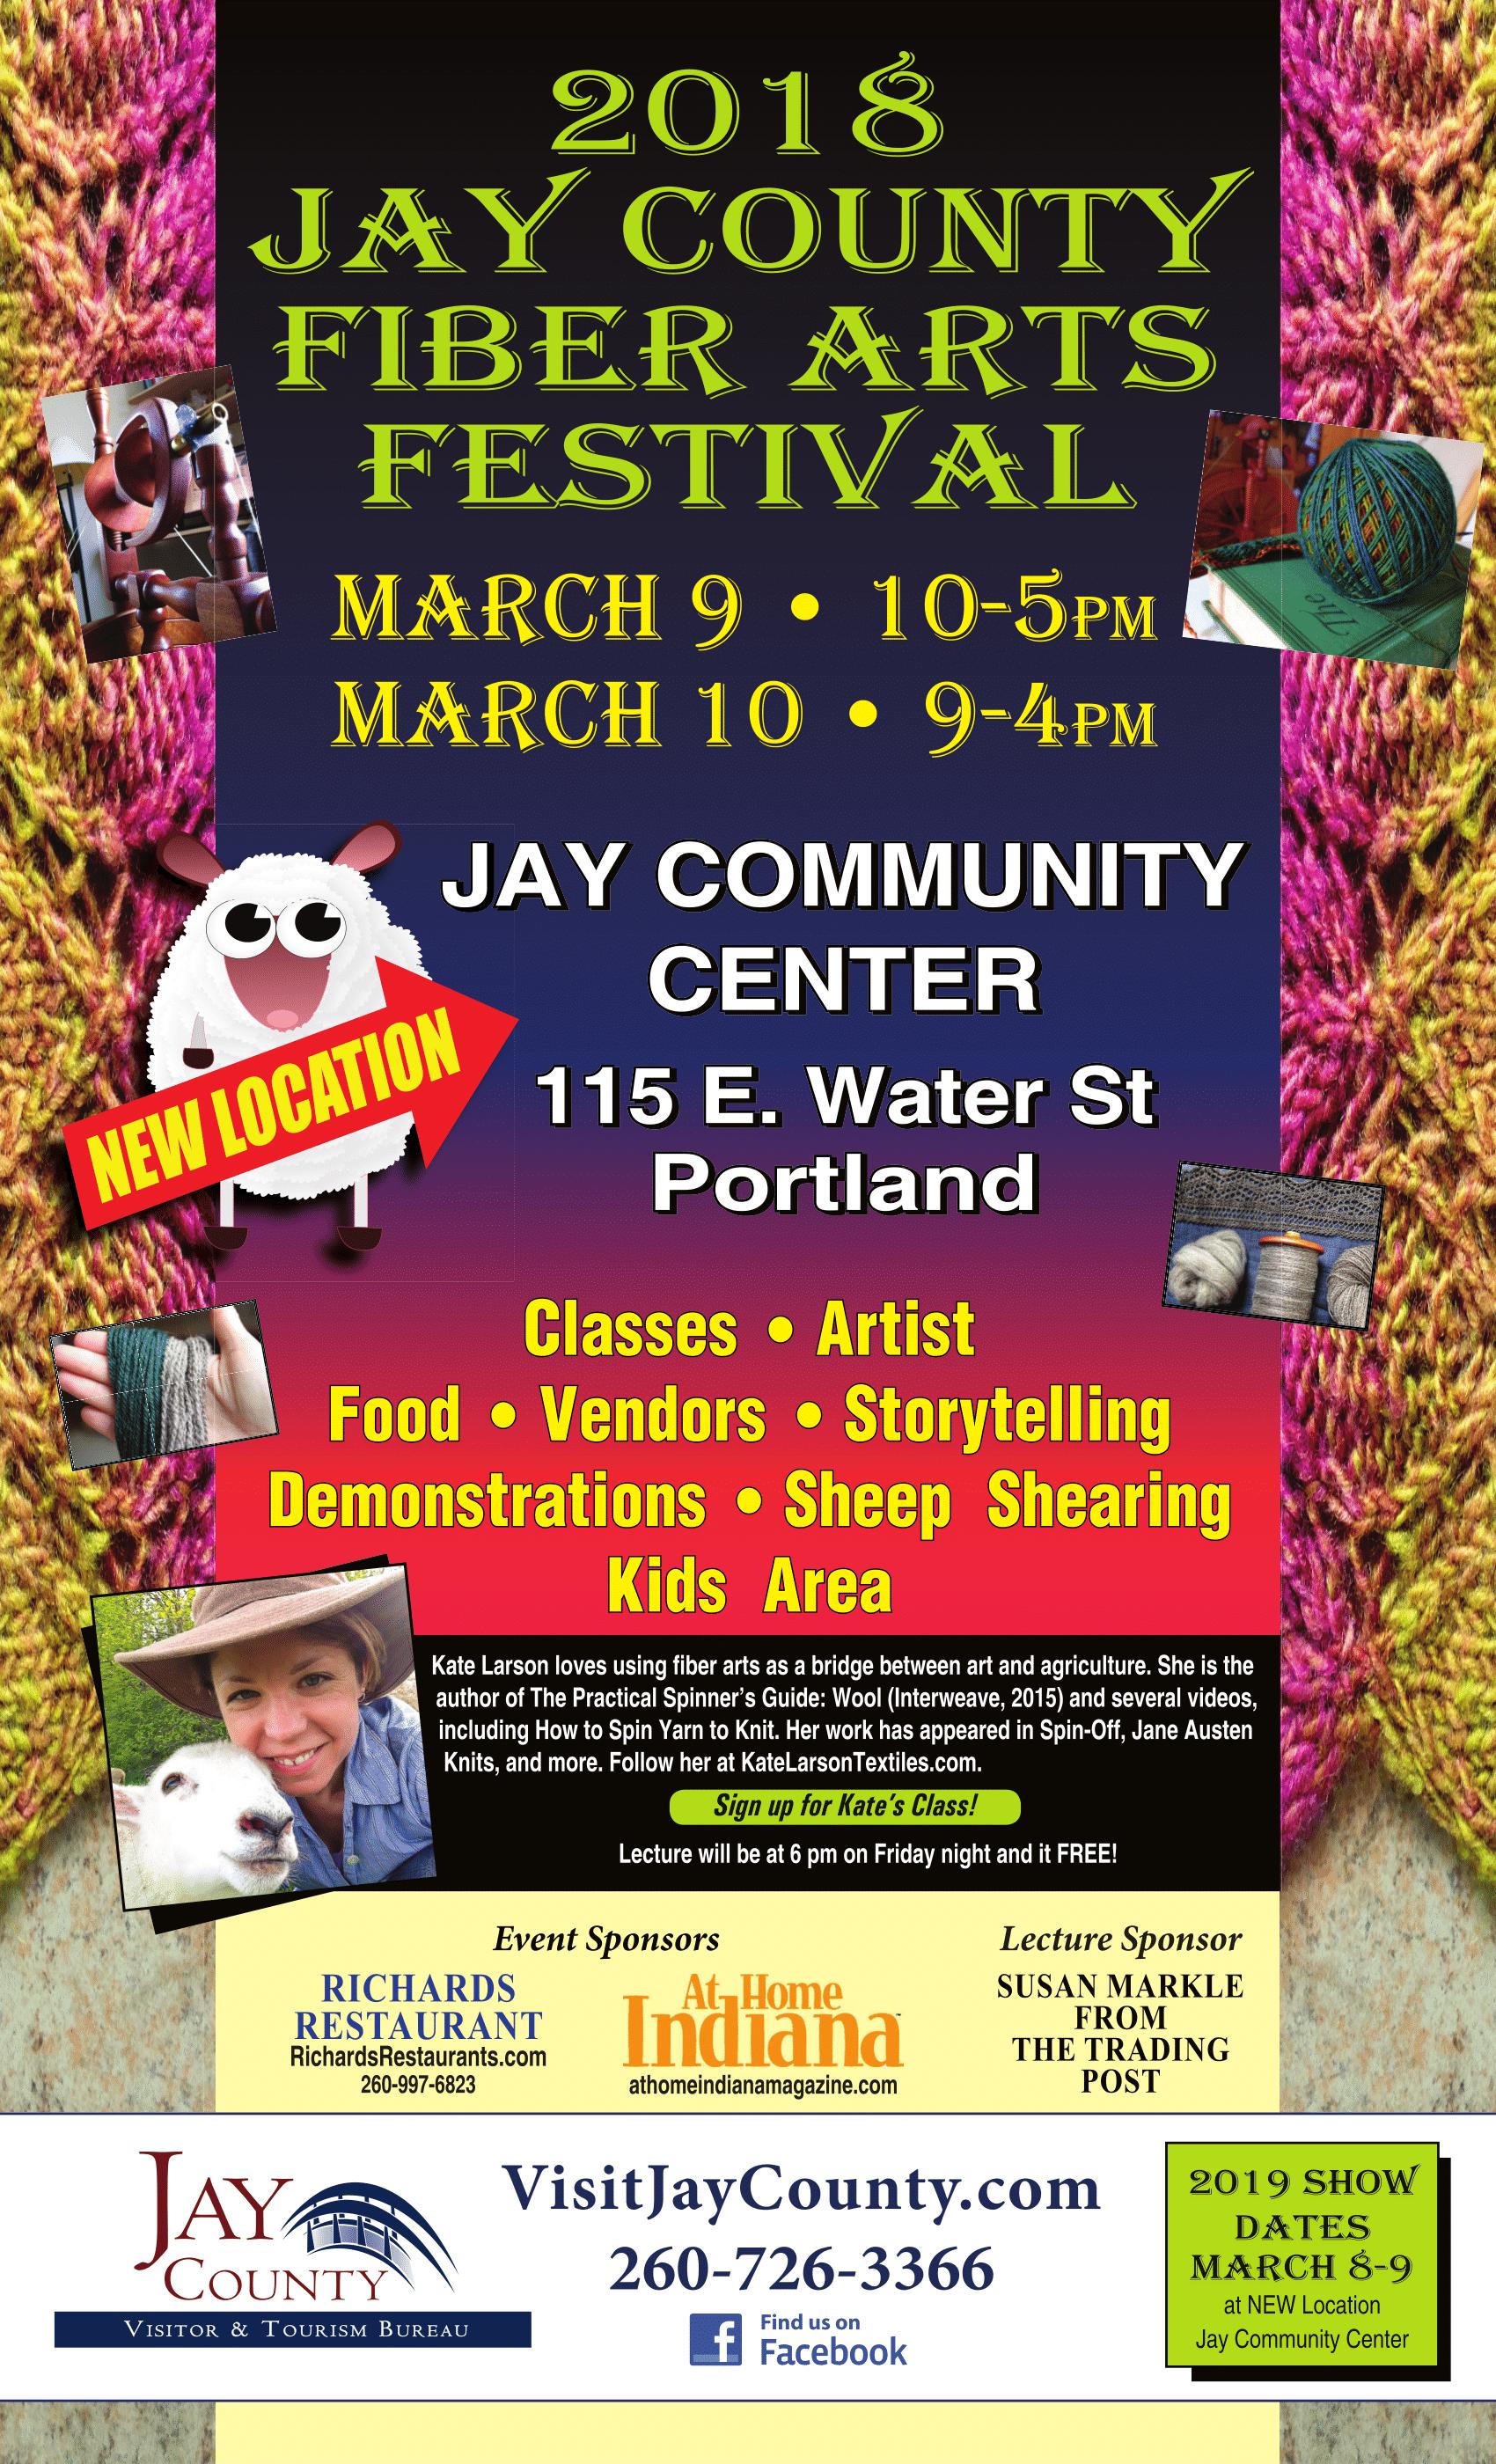 jay-county-fiber-arts-festival